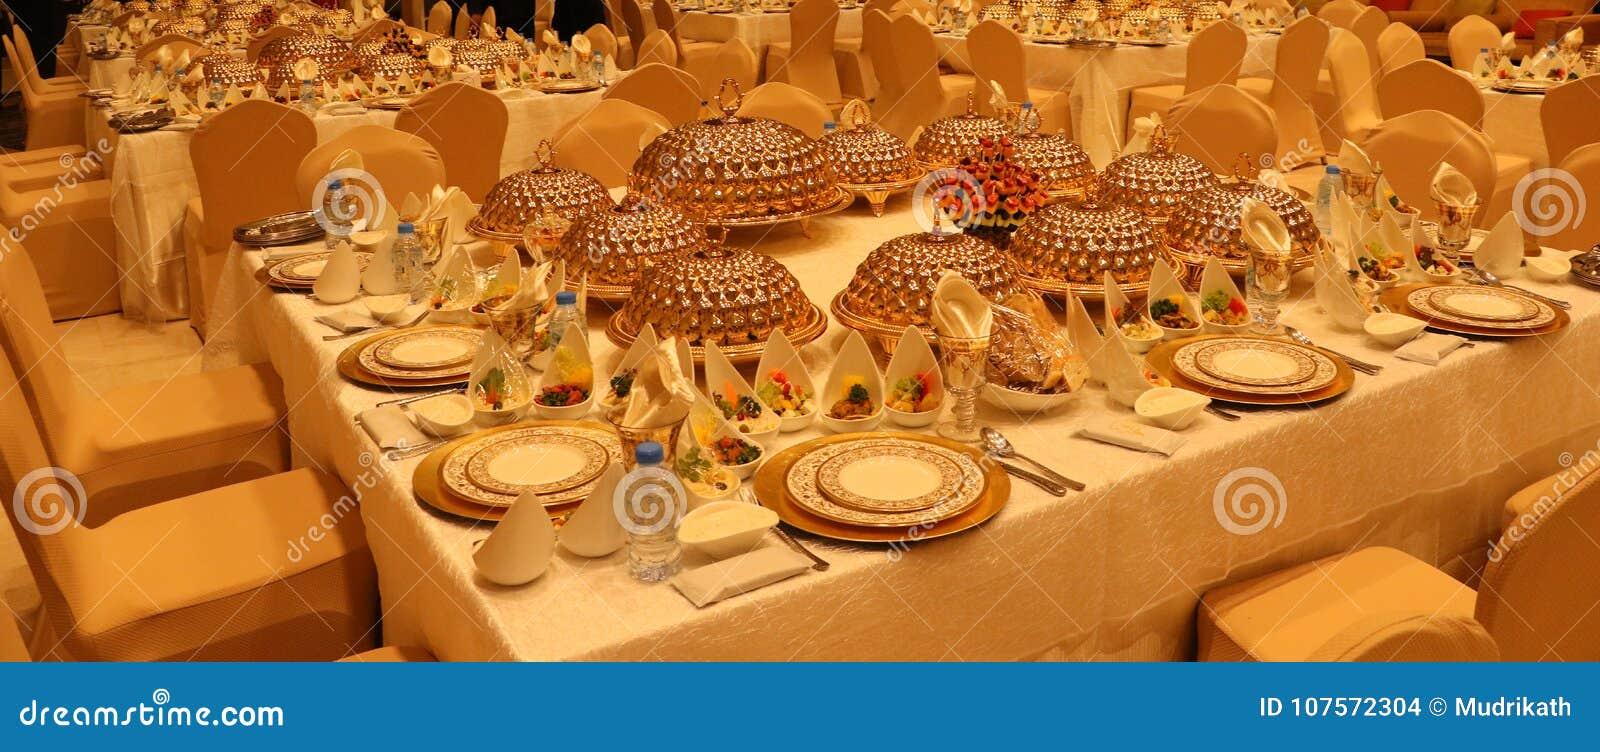 Królewski eleganci wesela stół z różnym cookery jedzenia przygotowania